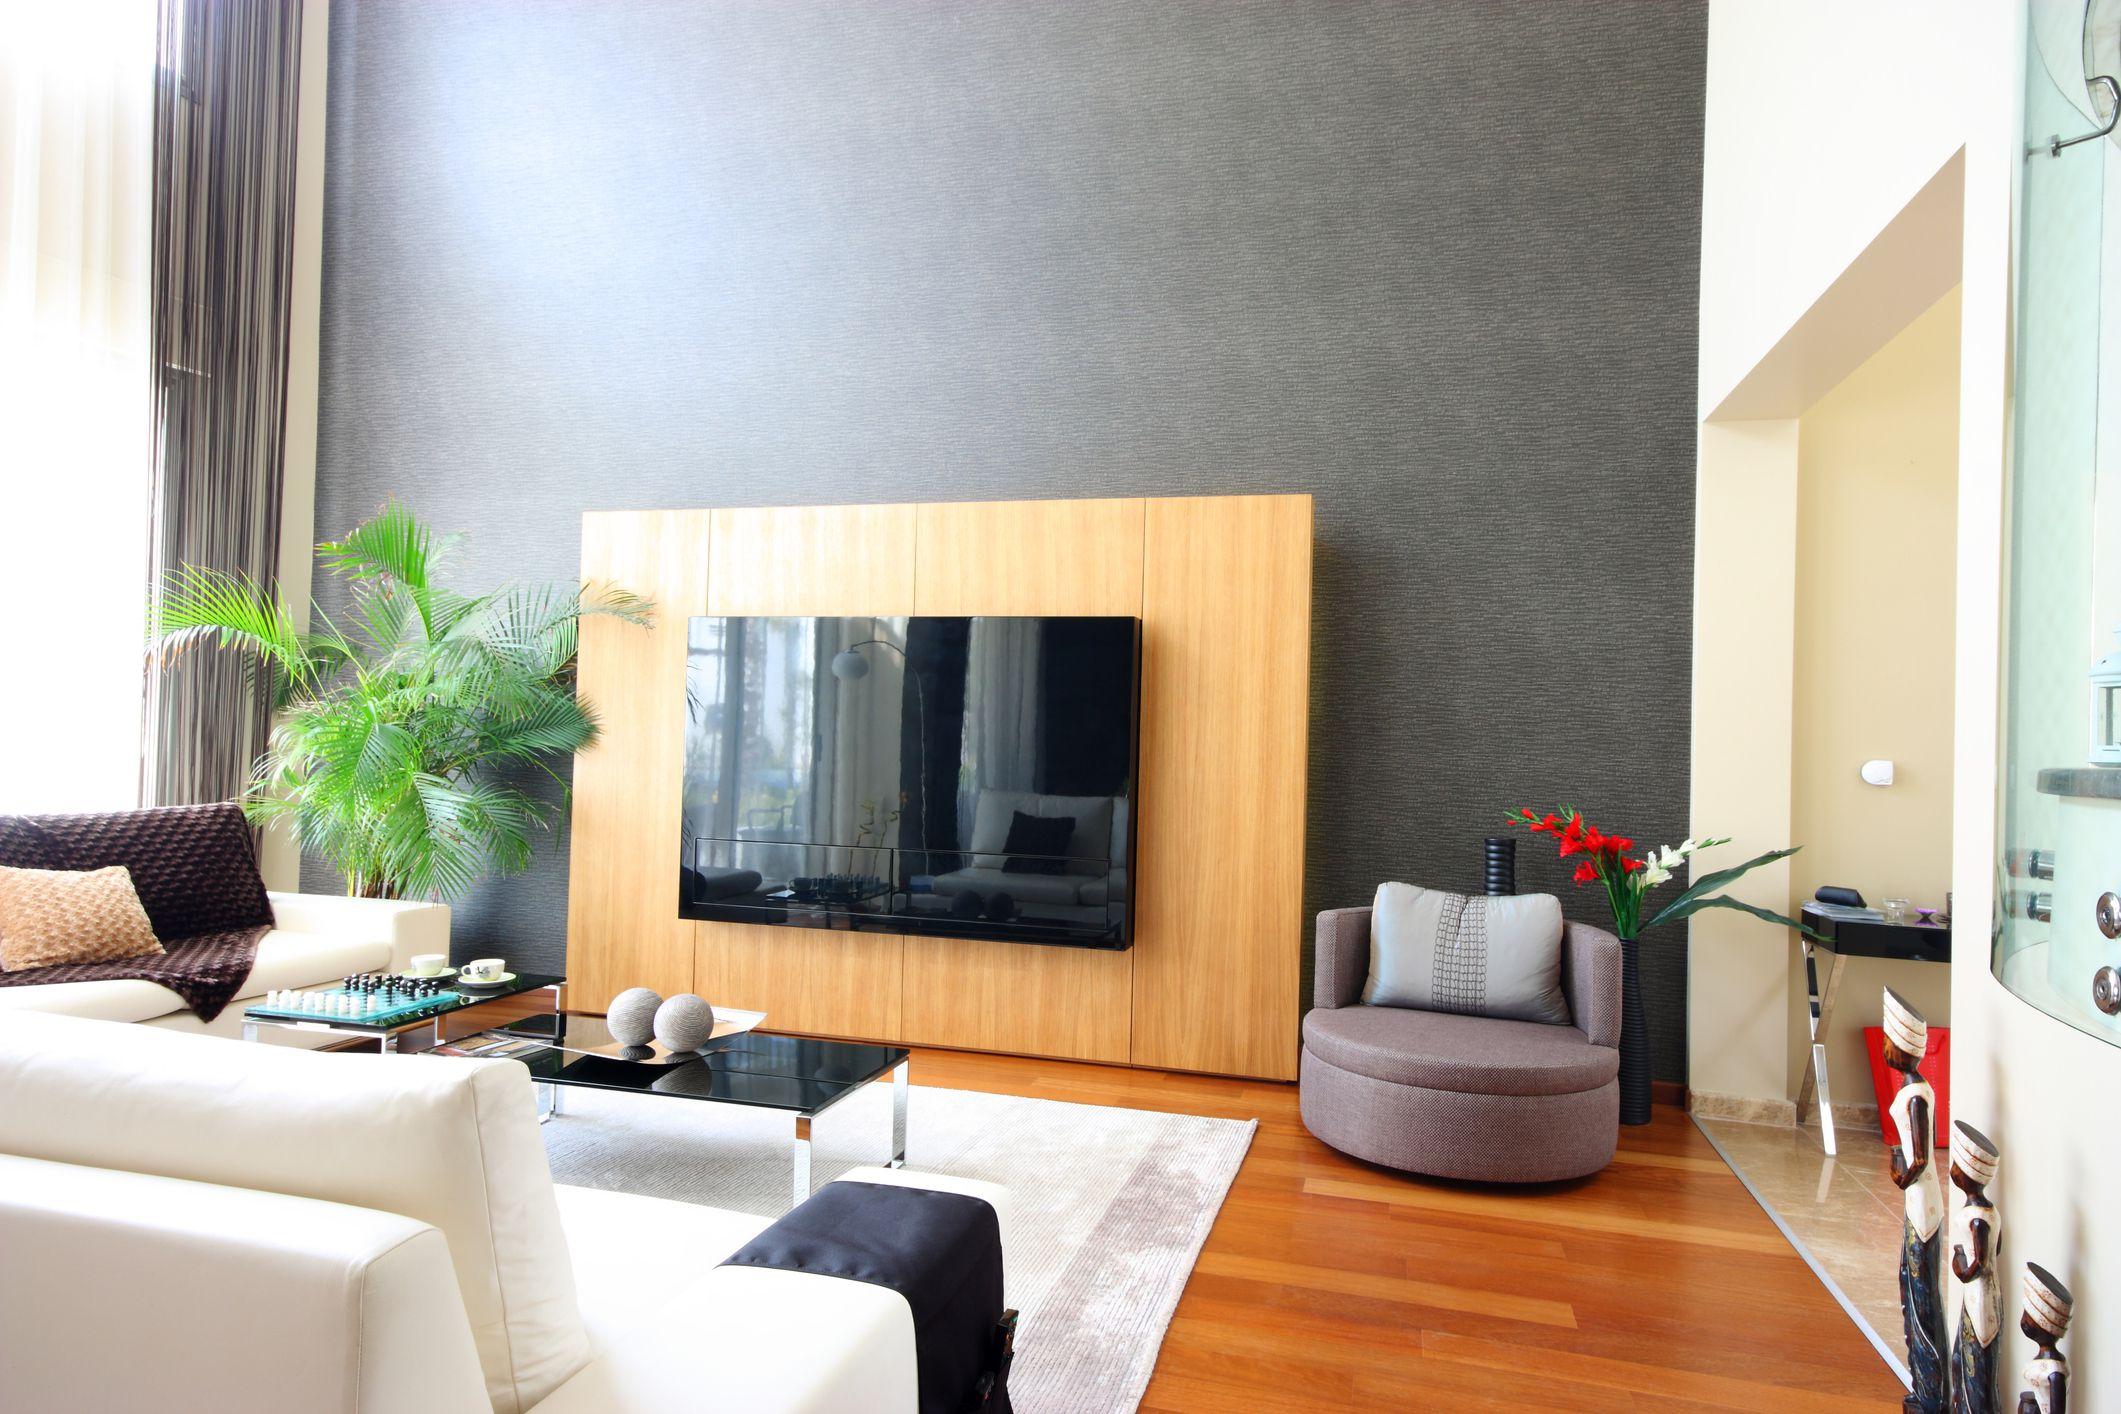 painel-de-madeira-para-parede